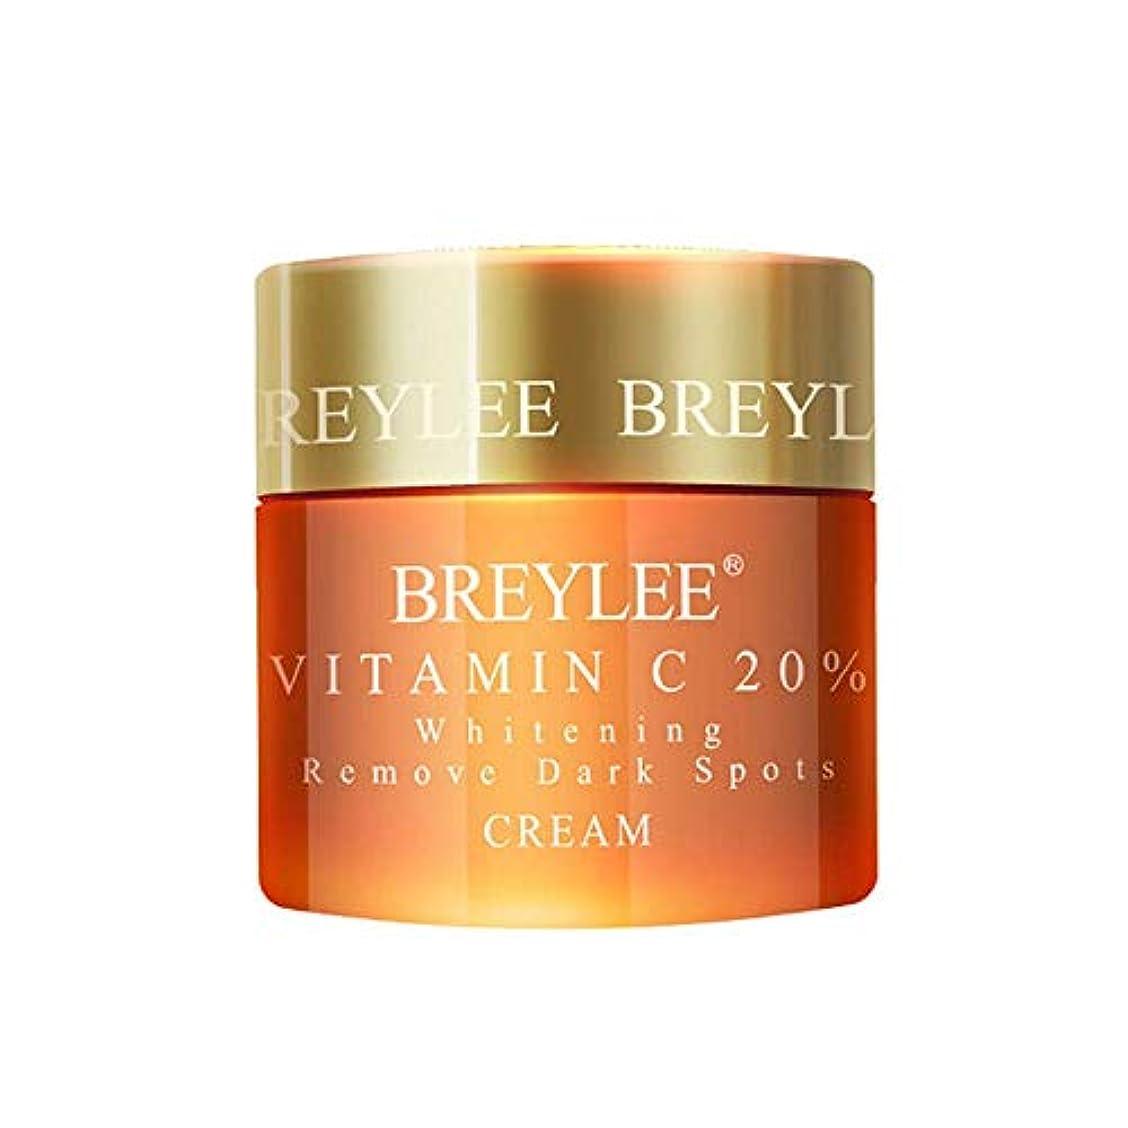 厚いブラウスに対処するBREYLEE ヒアルロン酸 保湿クリーム 20%ビタミンC配合 美白 皮膚の引き締め (ビタミンC)